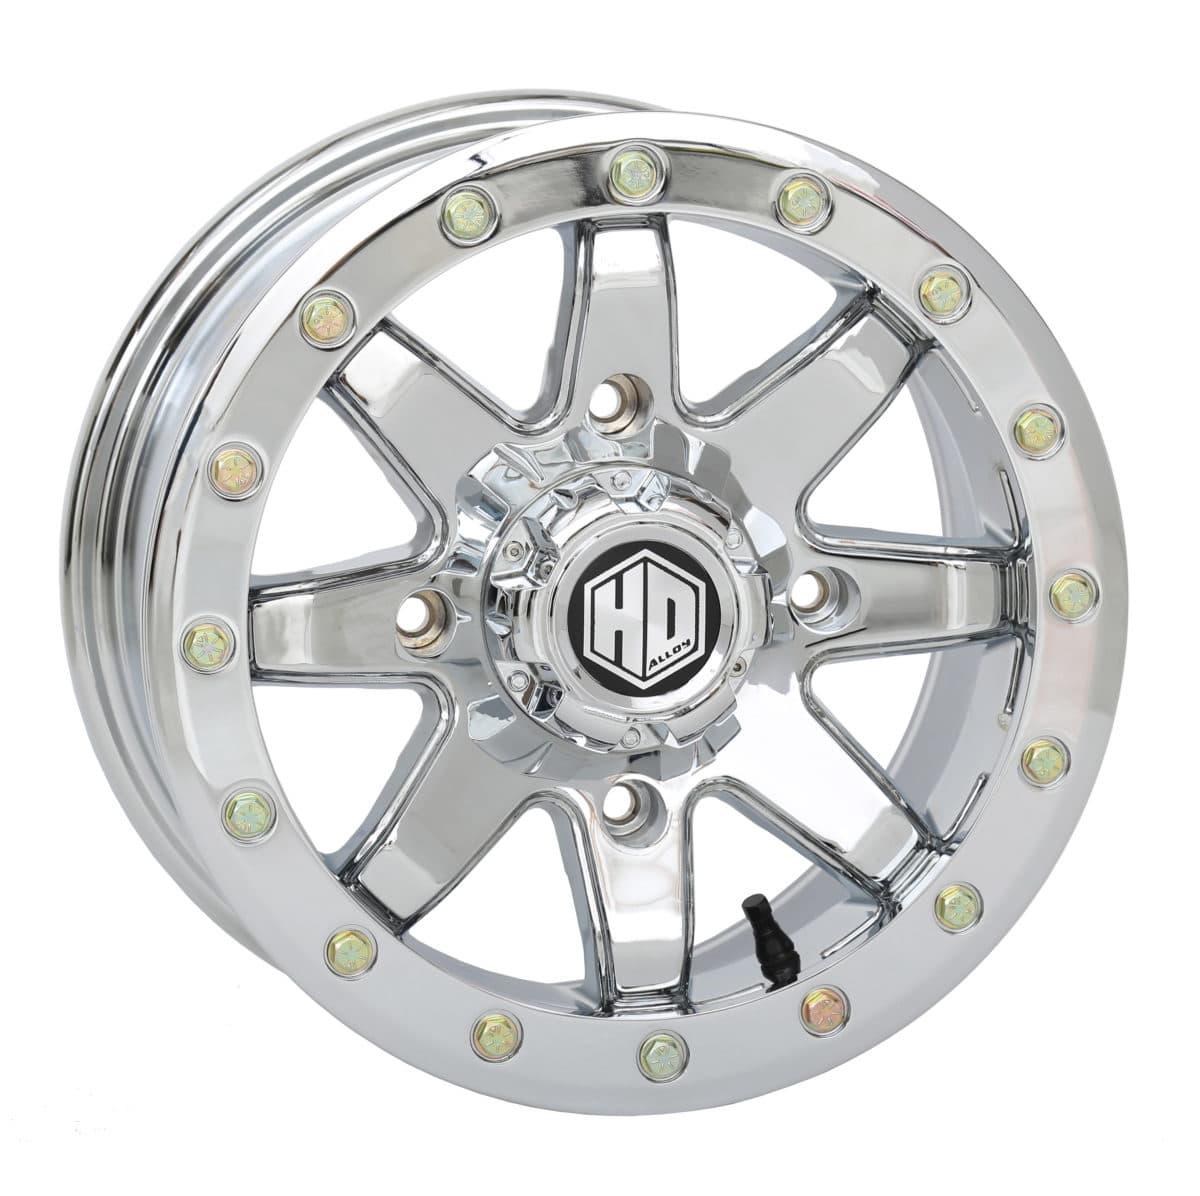 NEW STI HD9 COMP LOCK WHEELS   Dirt Wheels Magazine